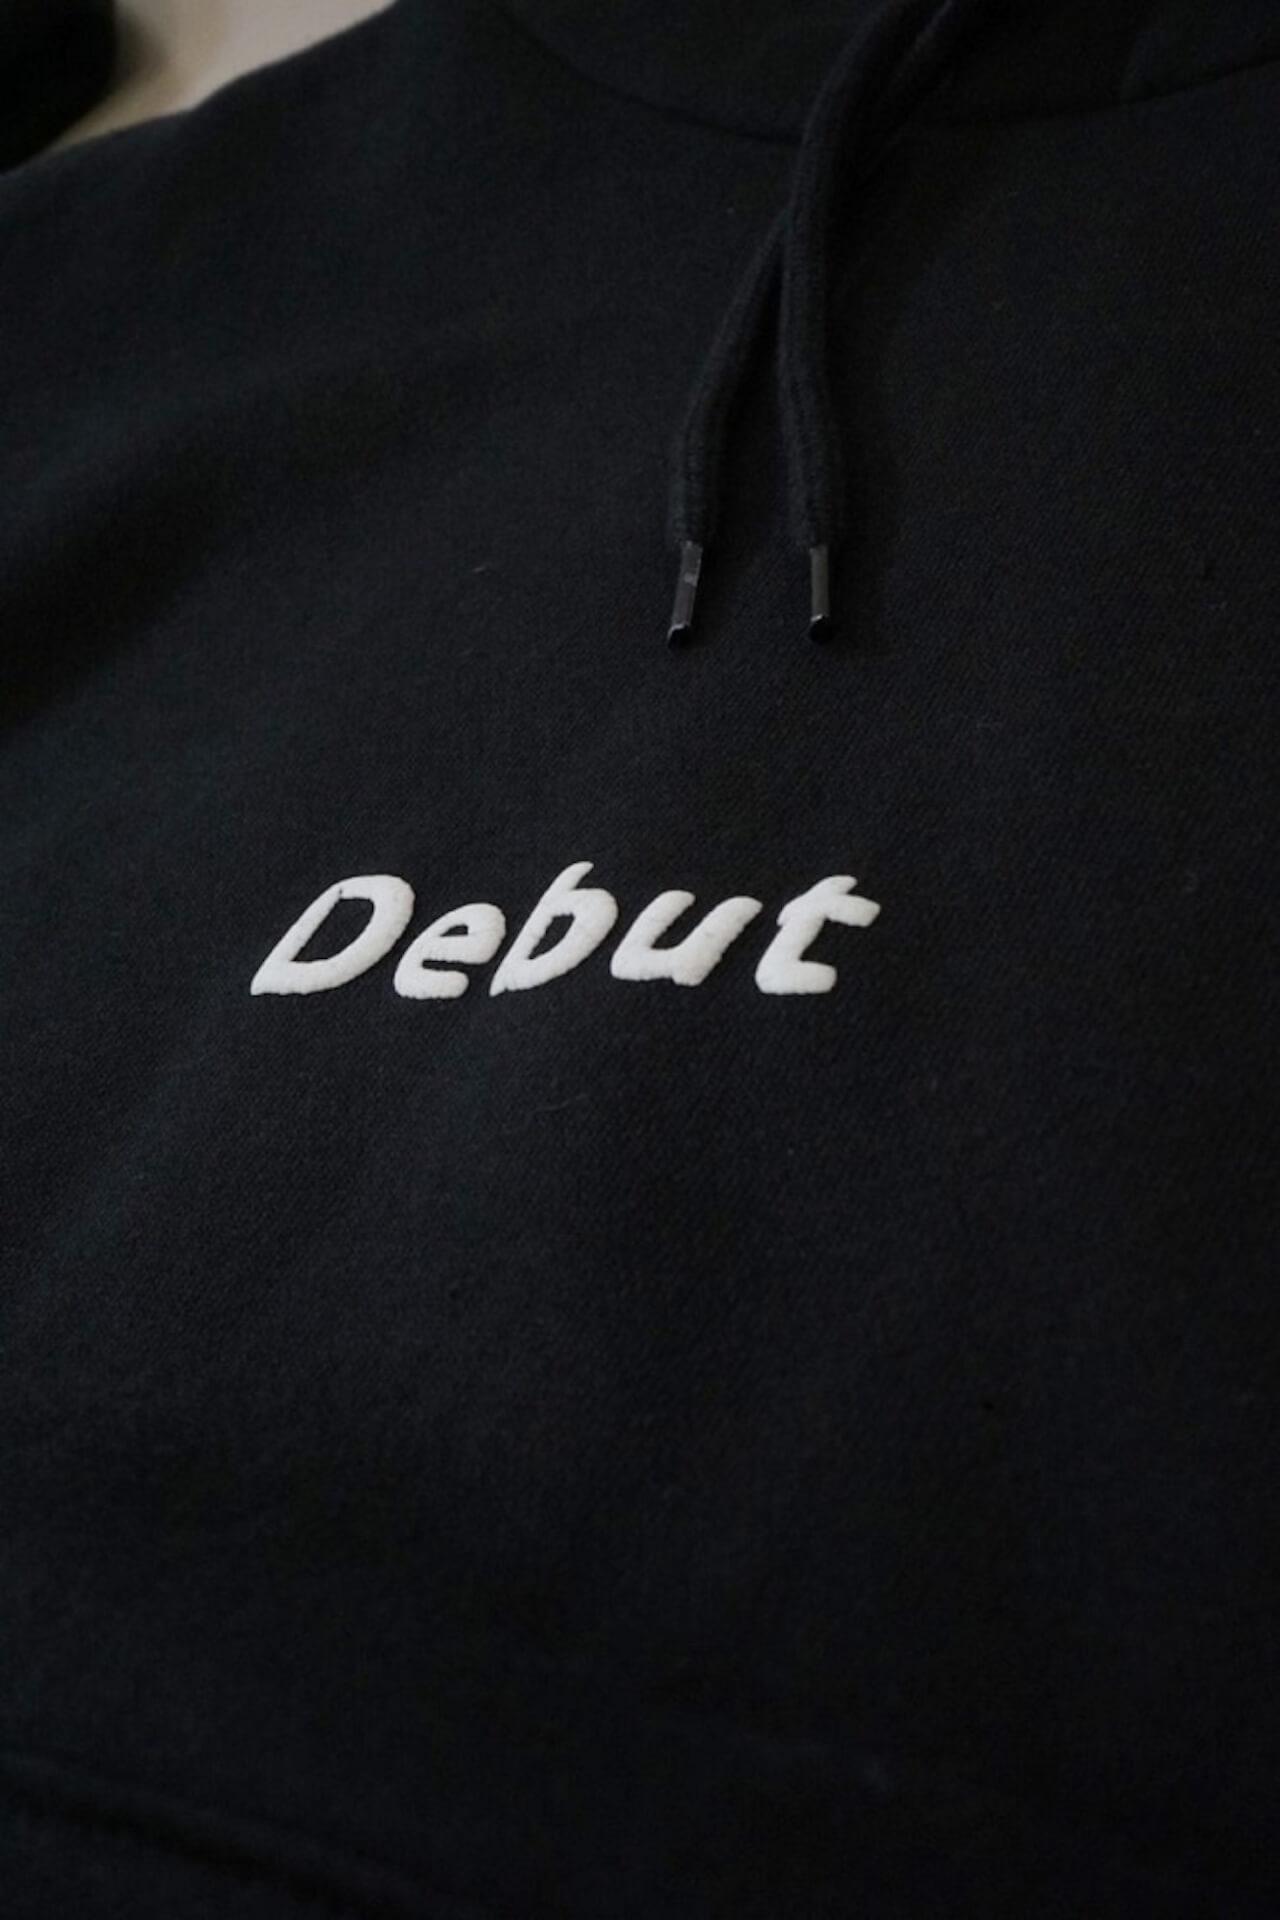 Ryohuの1st Album『DEBUT』リリースを記念したポップアップが開催決定!オカモトレイジリミックス曲付属のフーディーが登場 music201119_ryohu_debut_popup_4